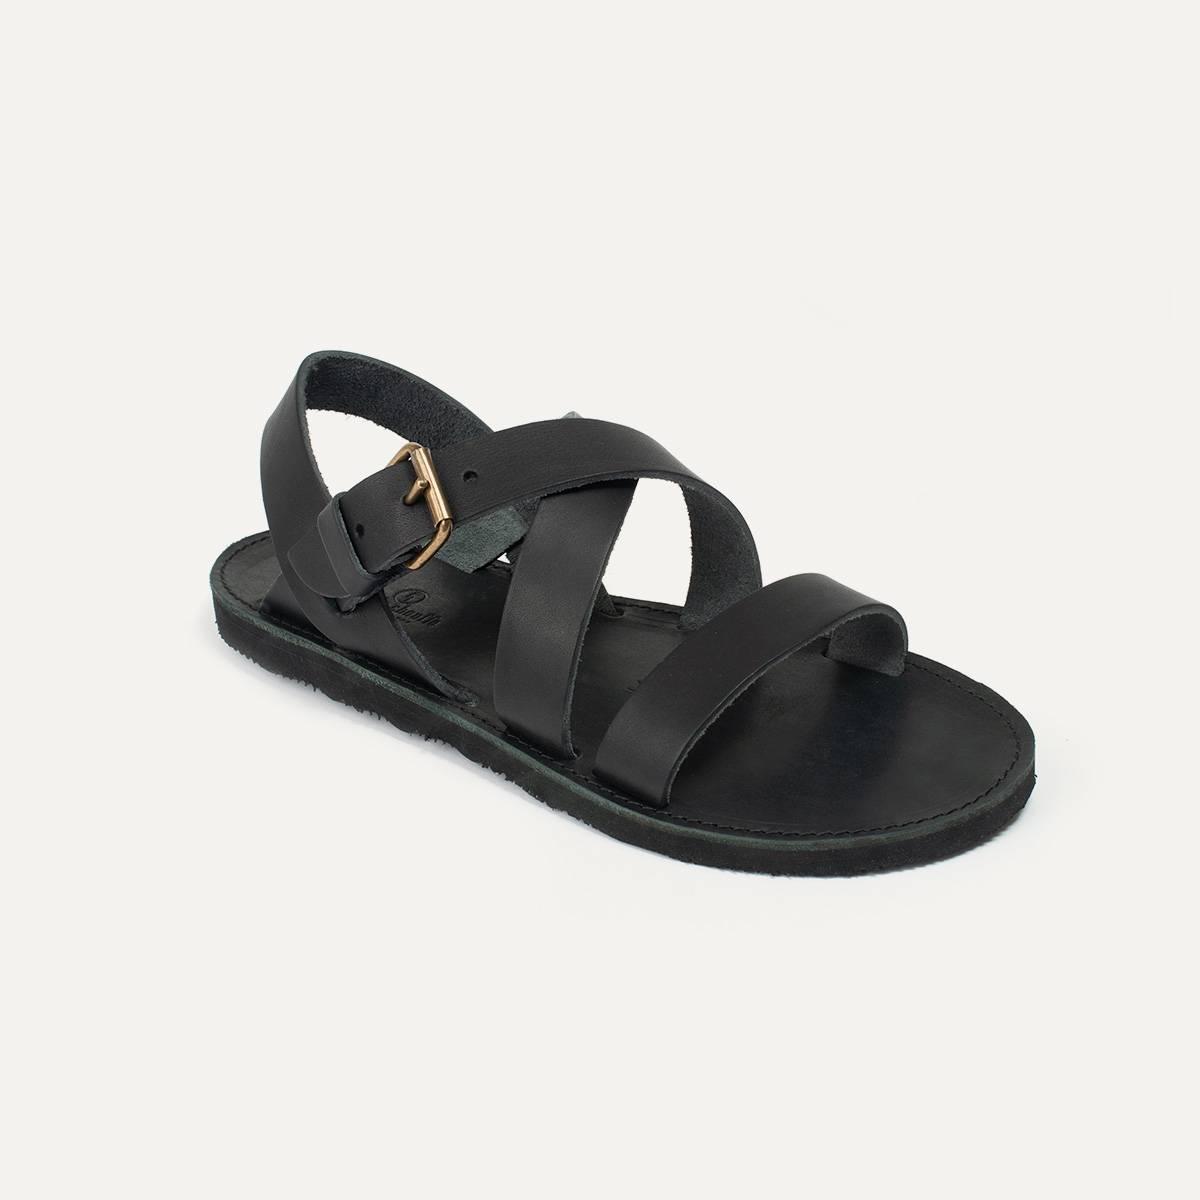 Sandales cuir Iwate - Noir (image n°3)